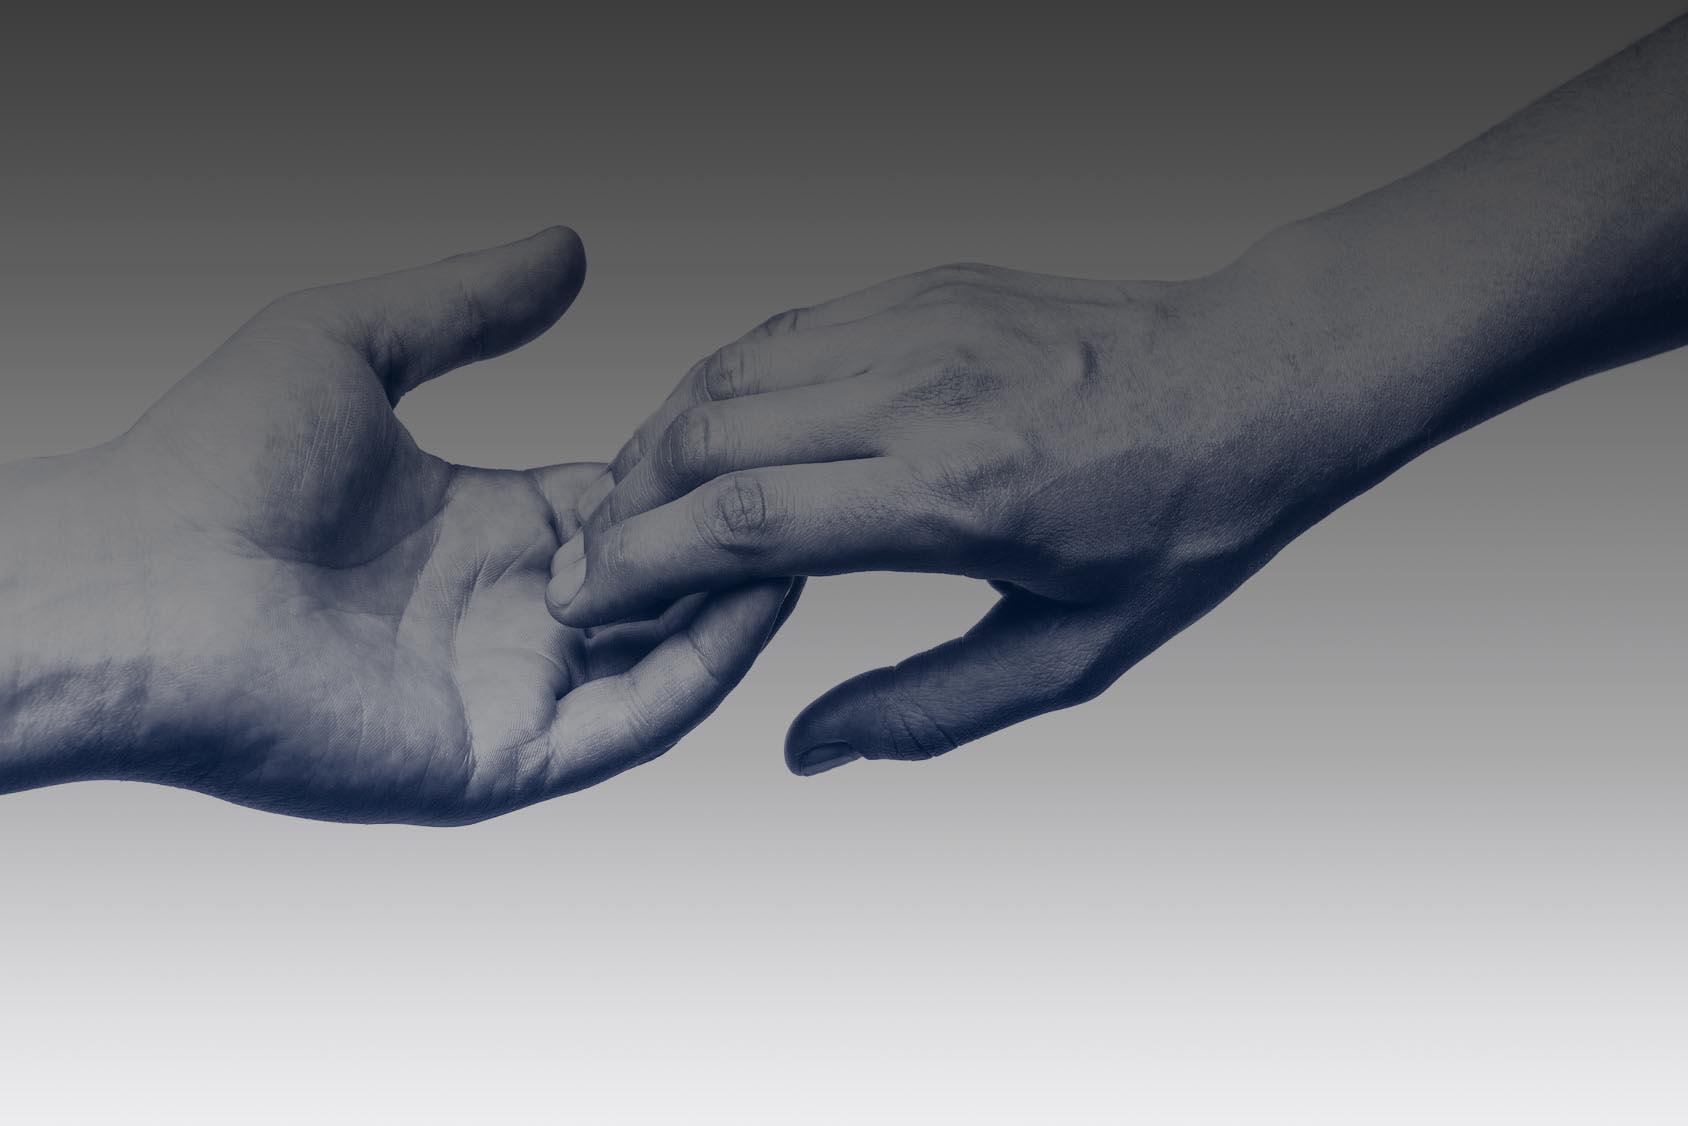 13onze15 Fraternité et vérité, association des victimes des attentats de Paris et Saint-Denis